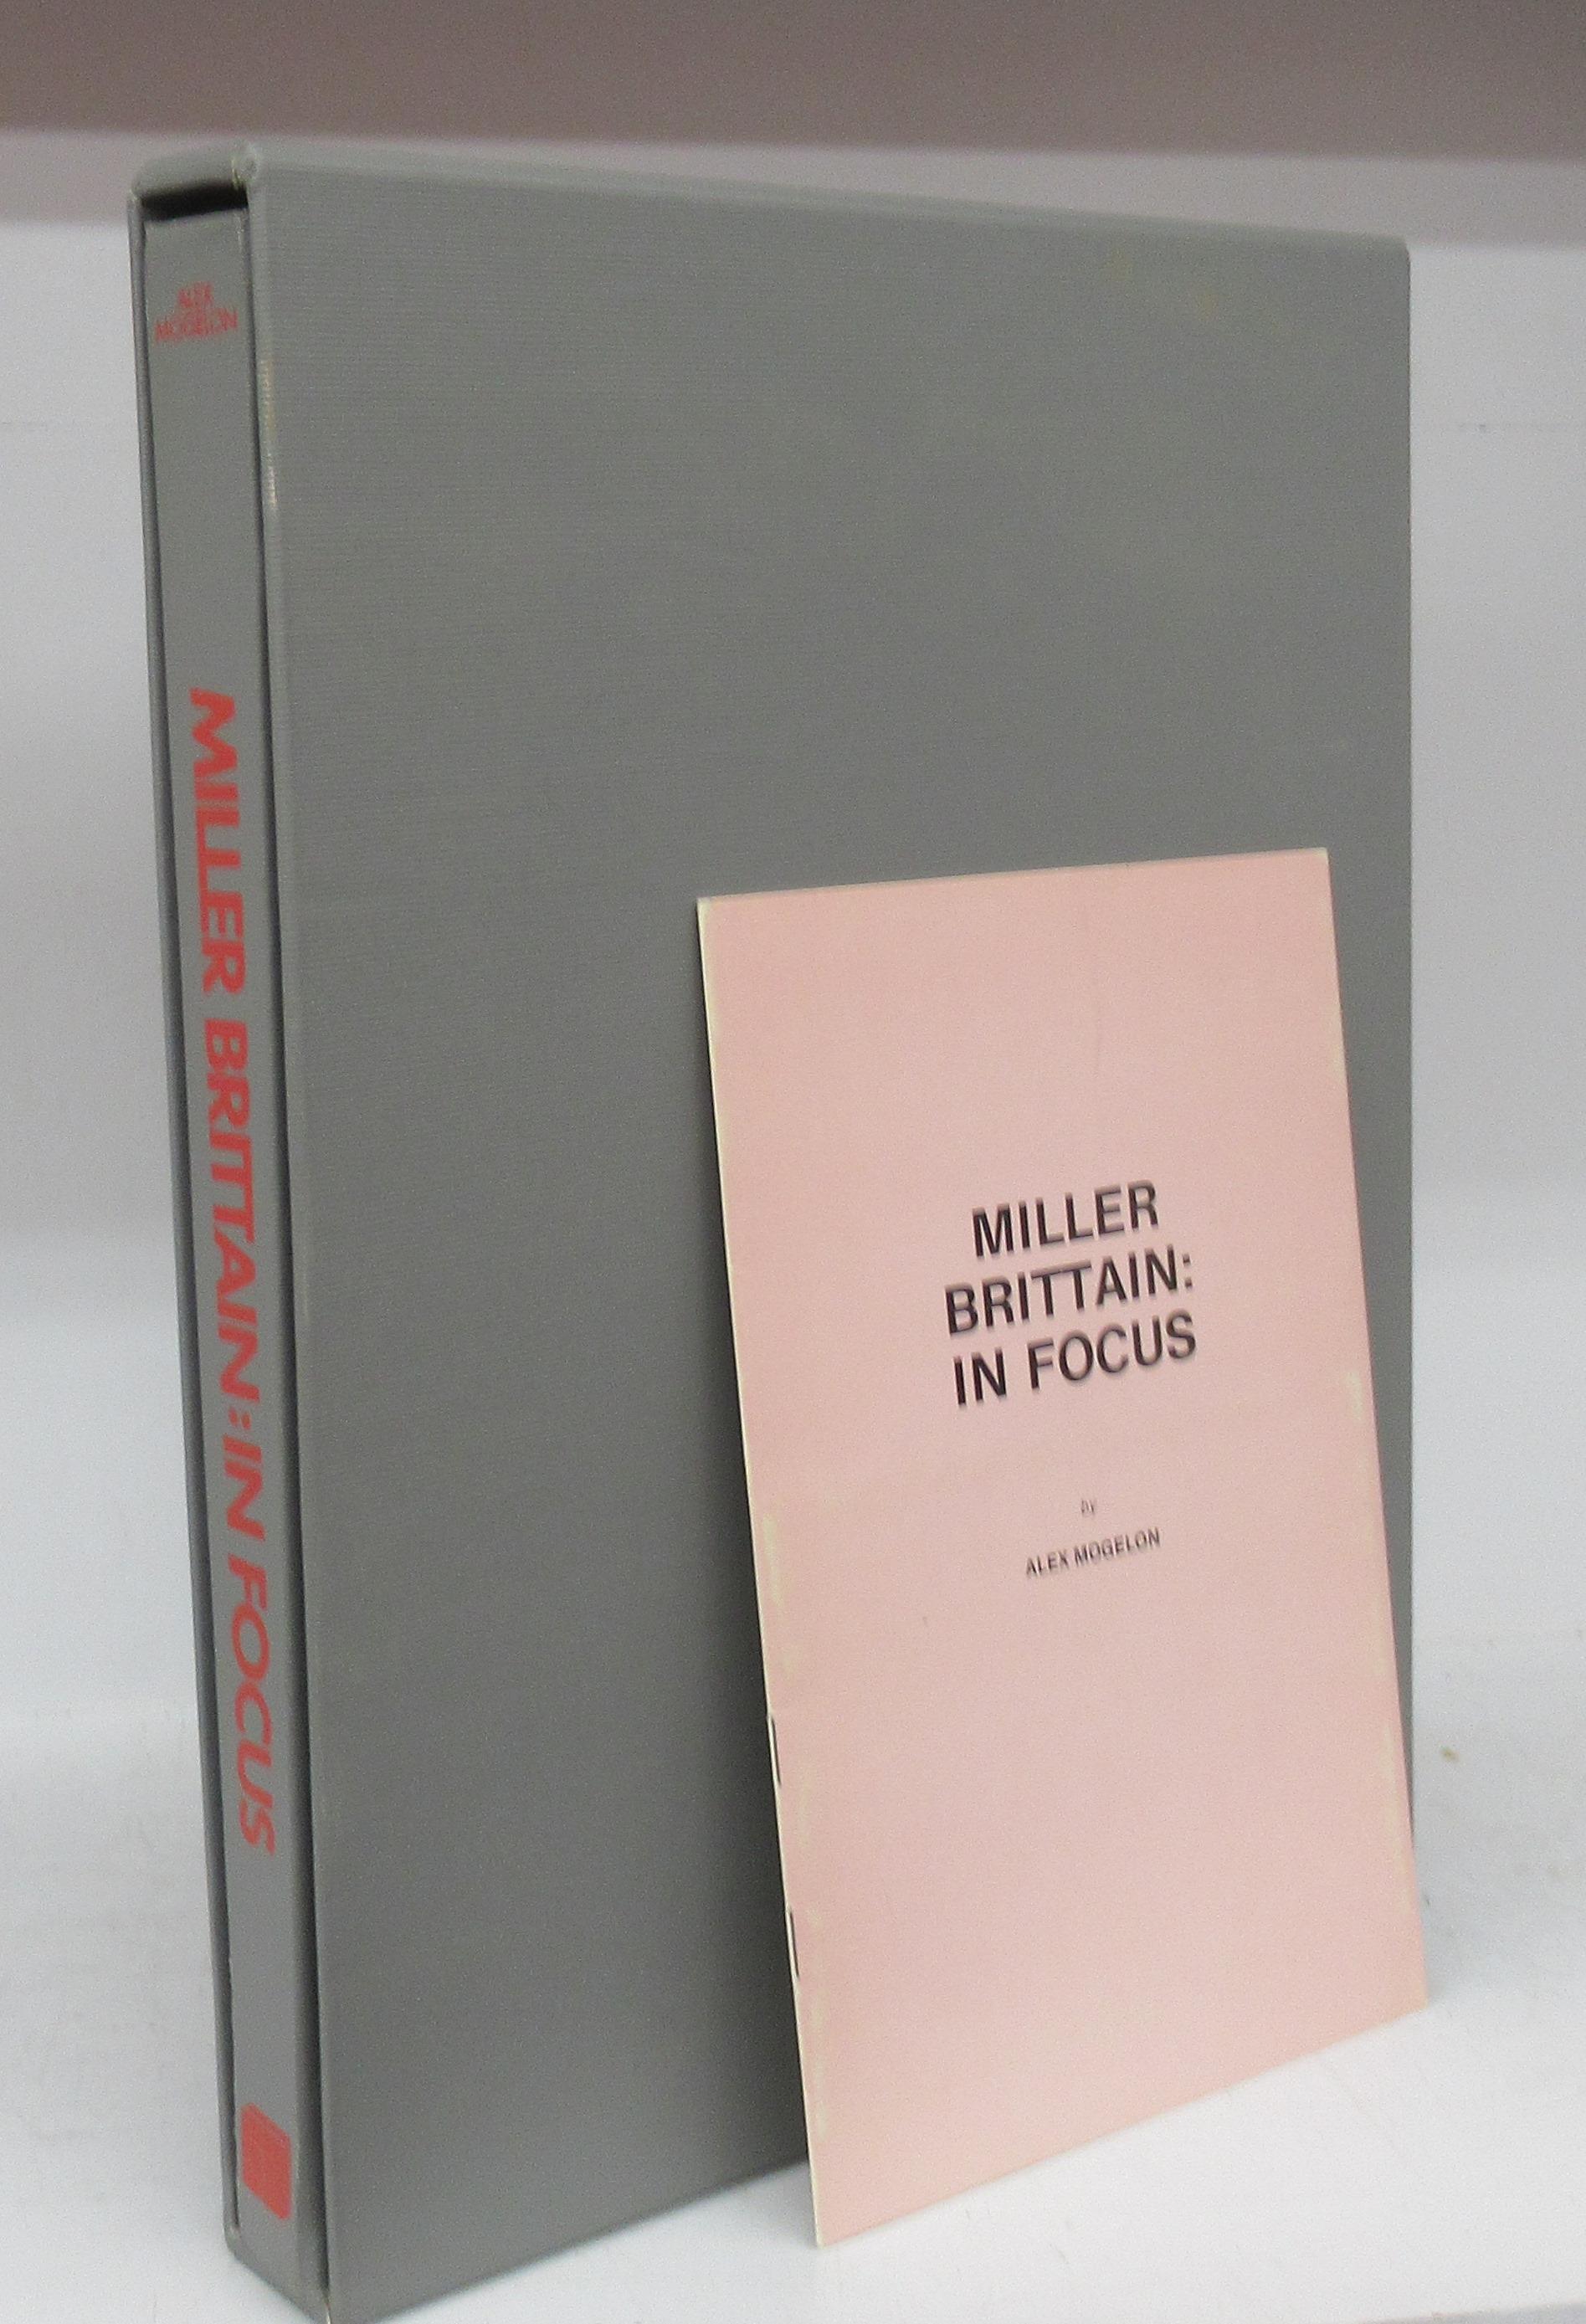 Miller Brittain in Focus